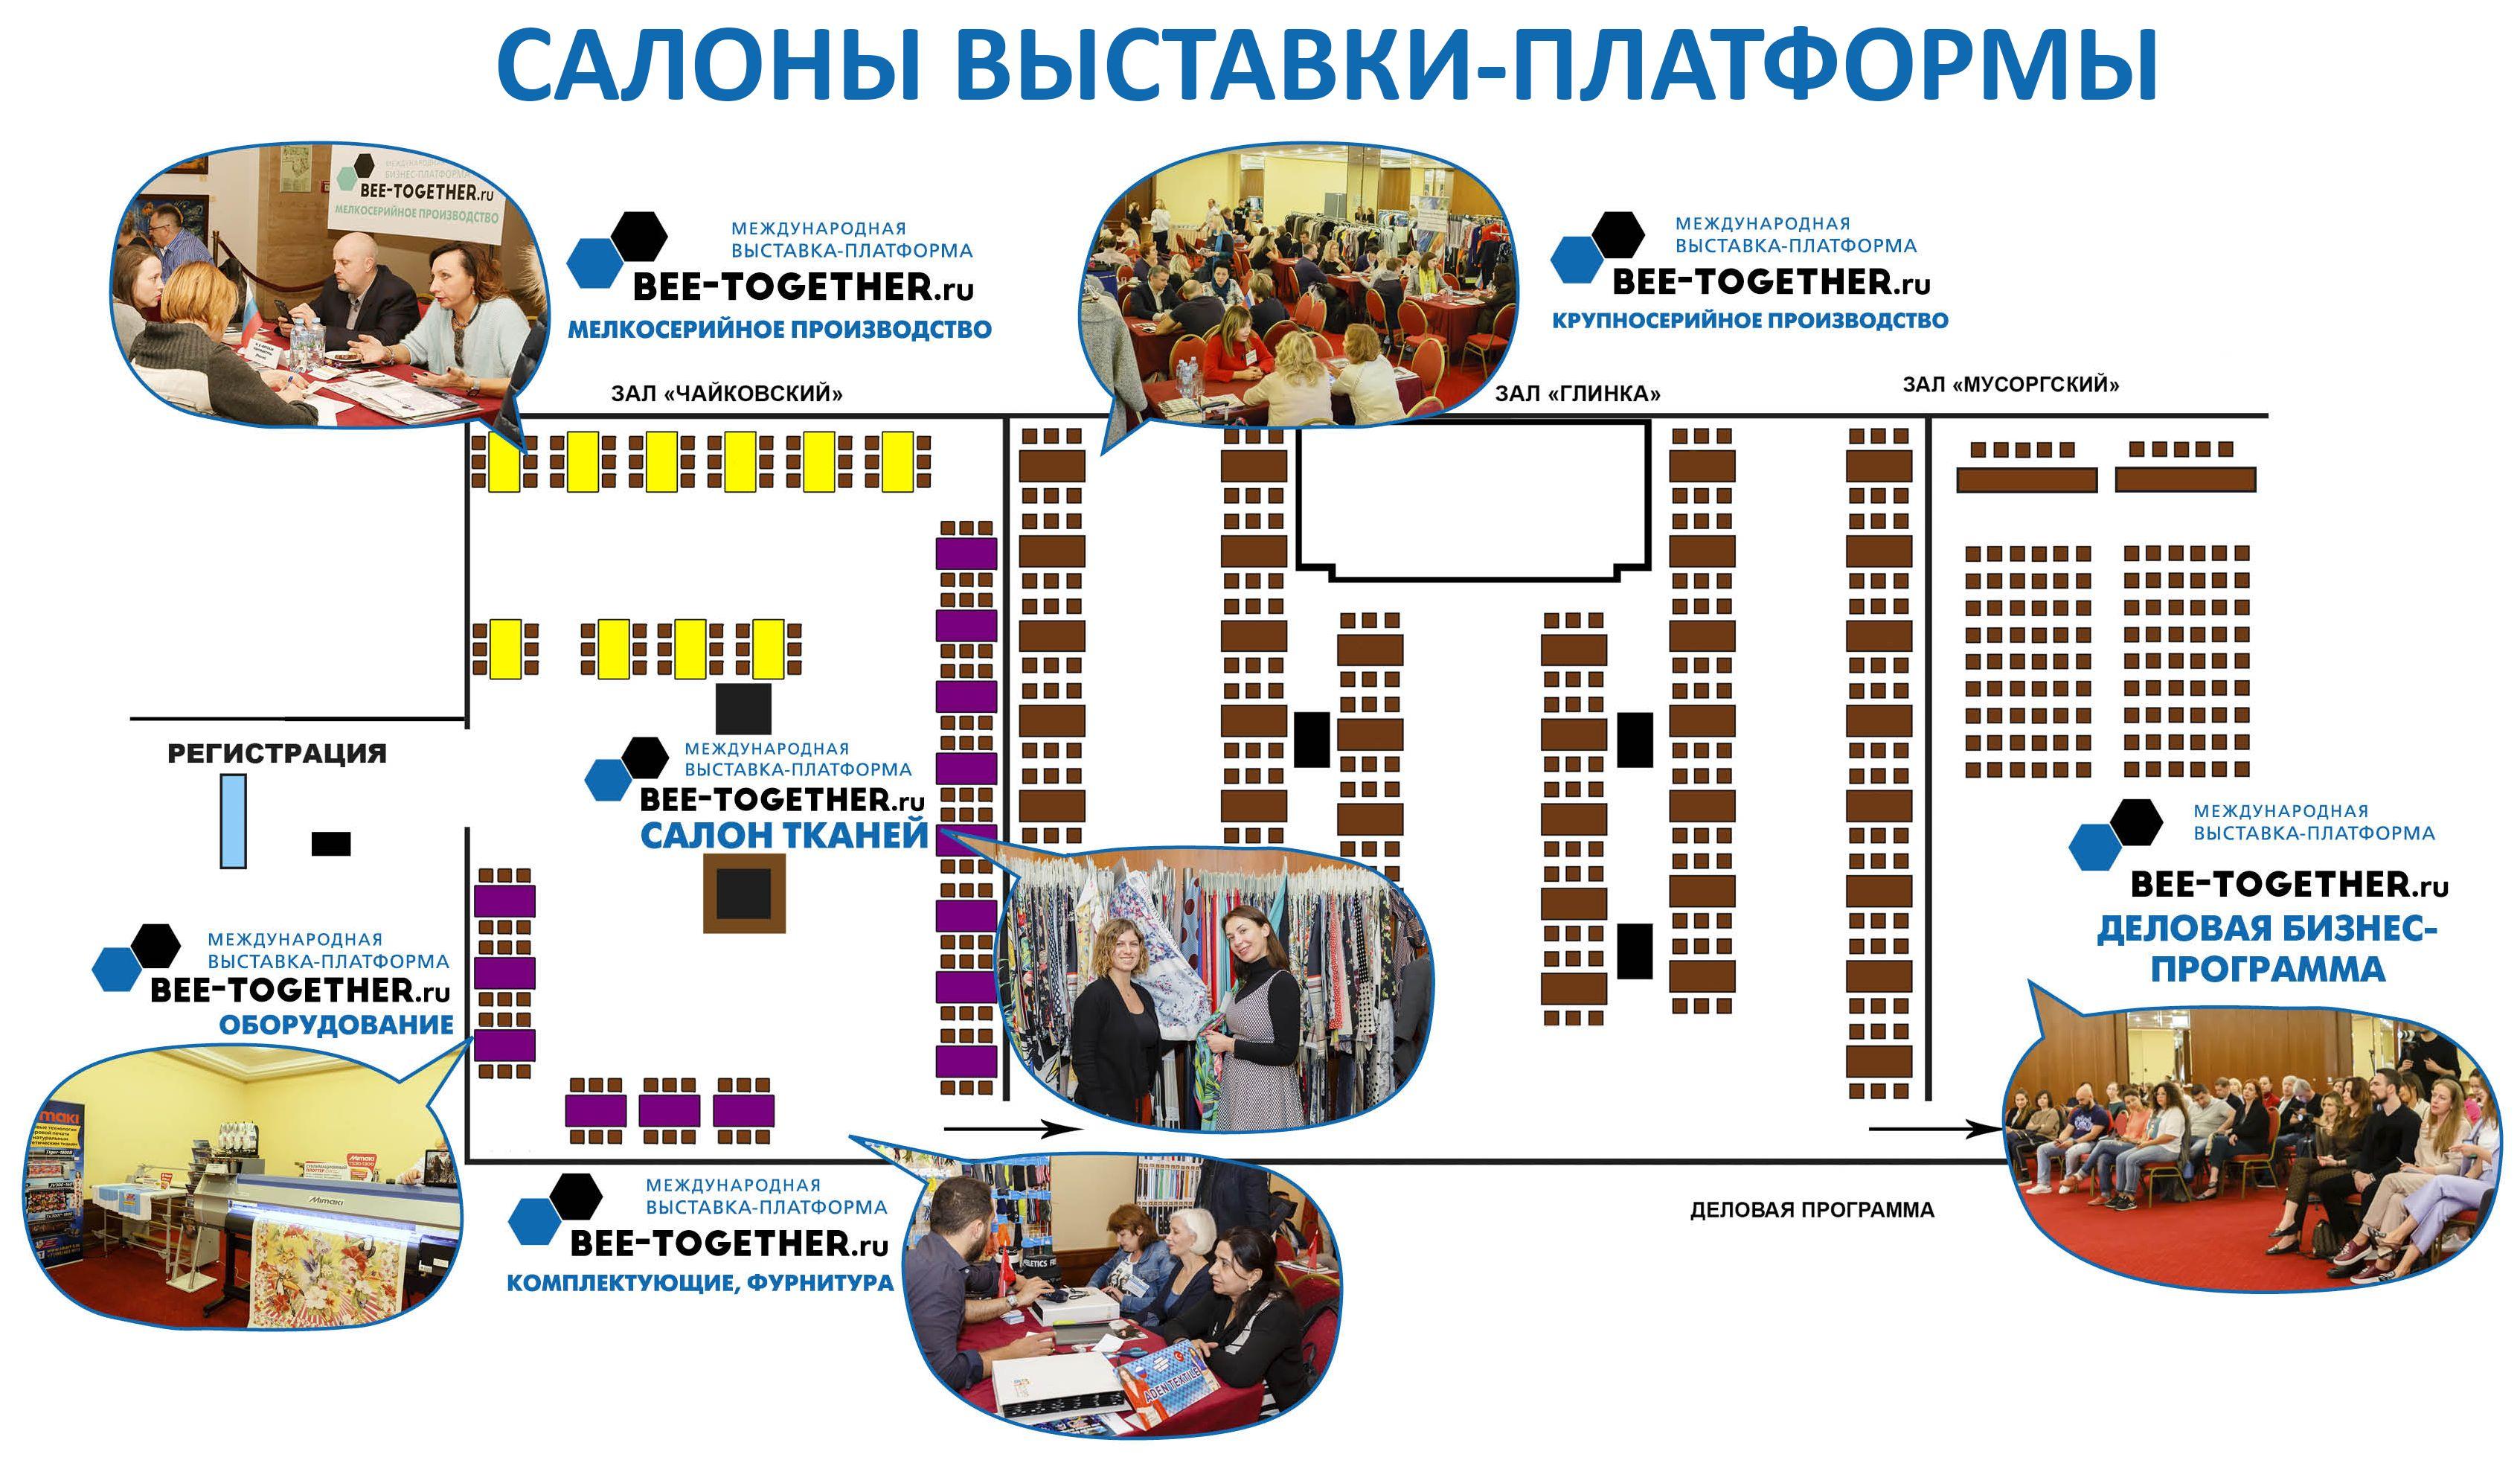 7-я Международная выставка-платформа по аутсорсингу для легкой промышленности